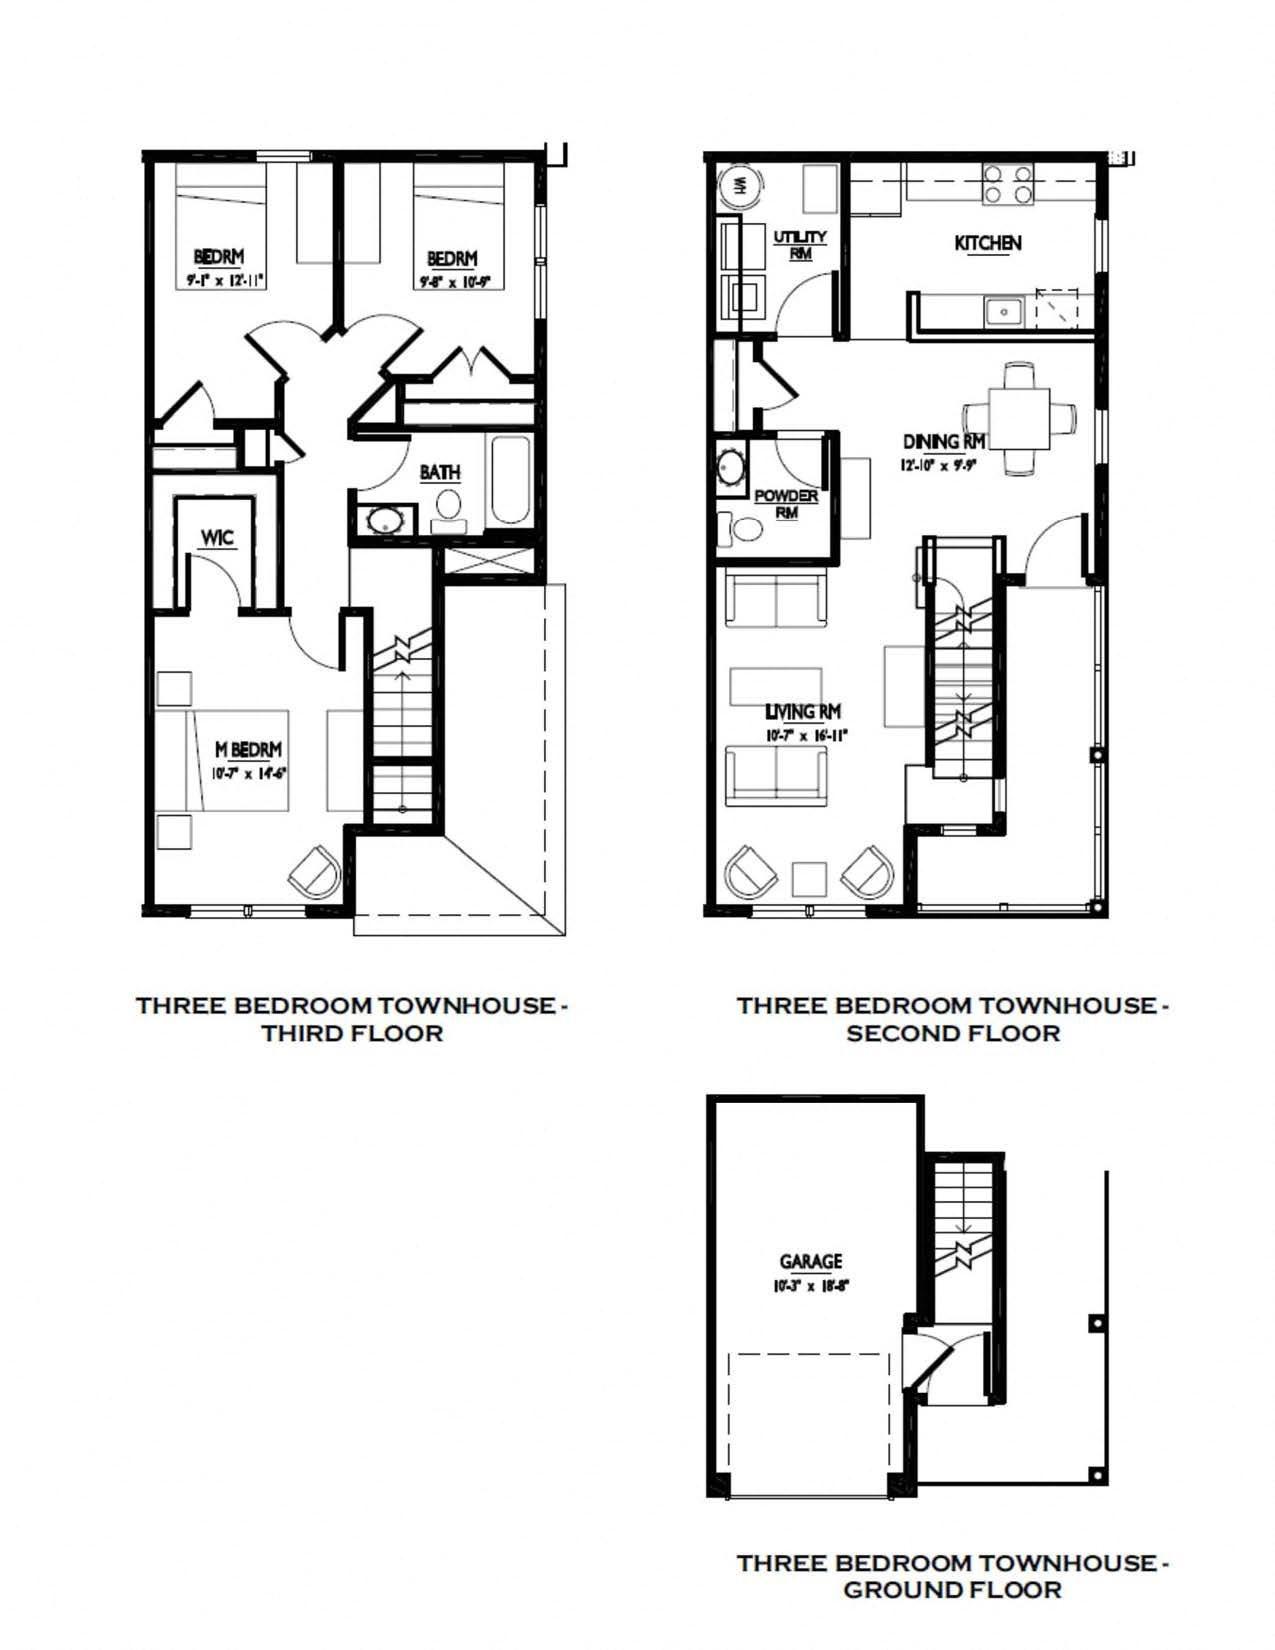 3 Bedroom Townhouse Floor Plan 3